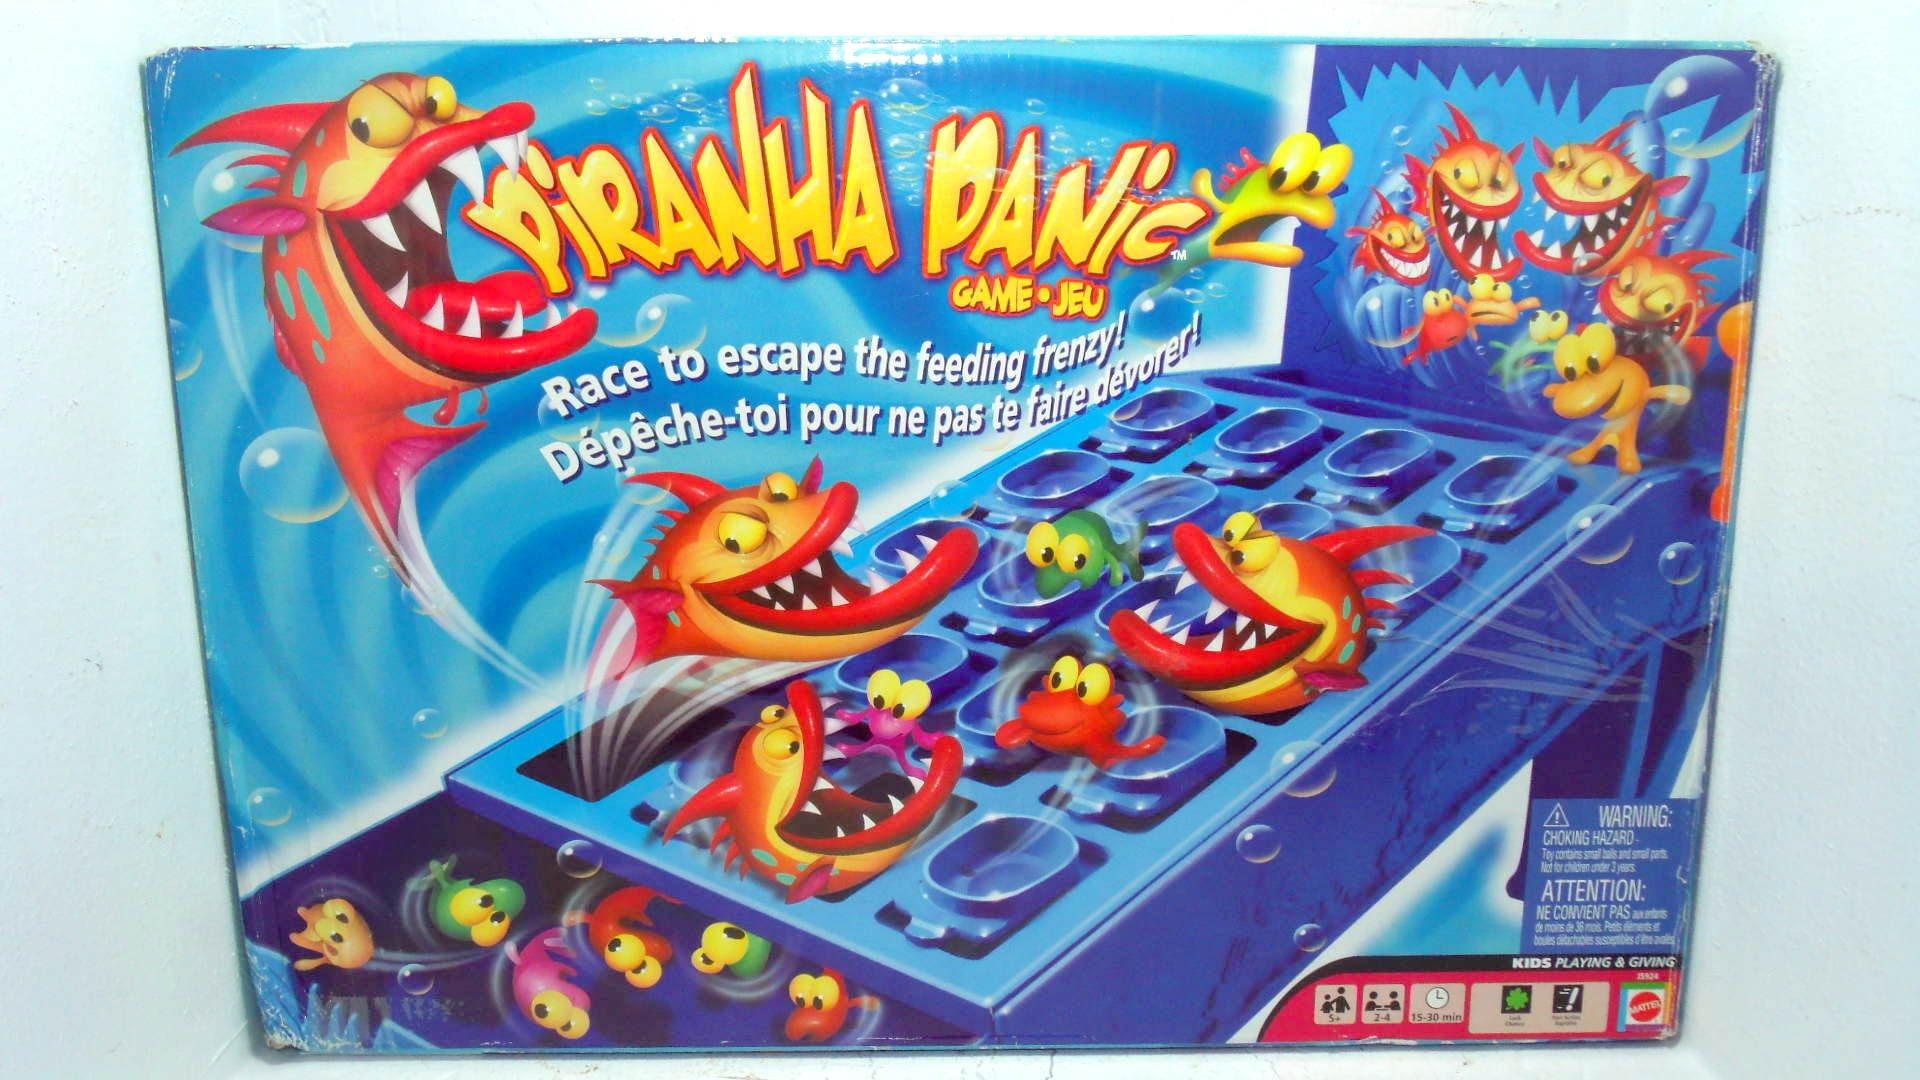 jeu de piranha 4